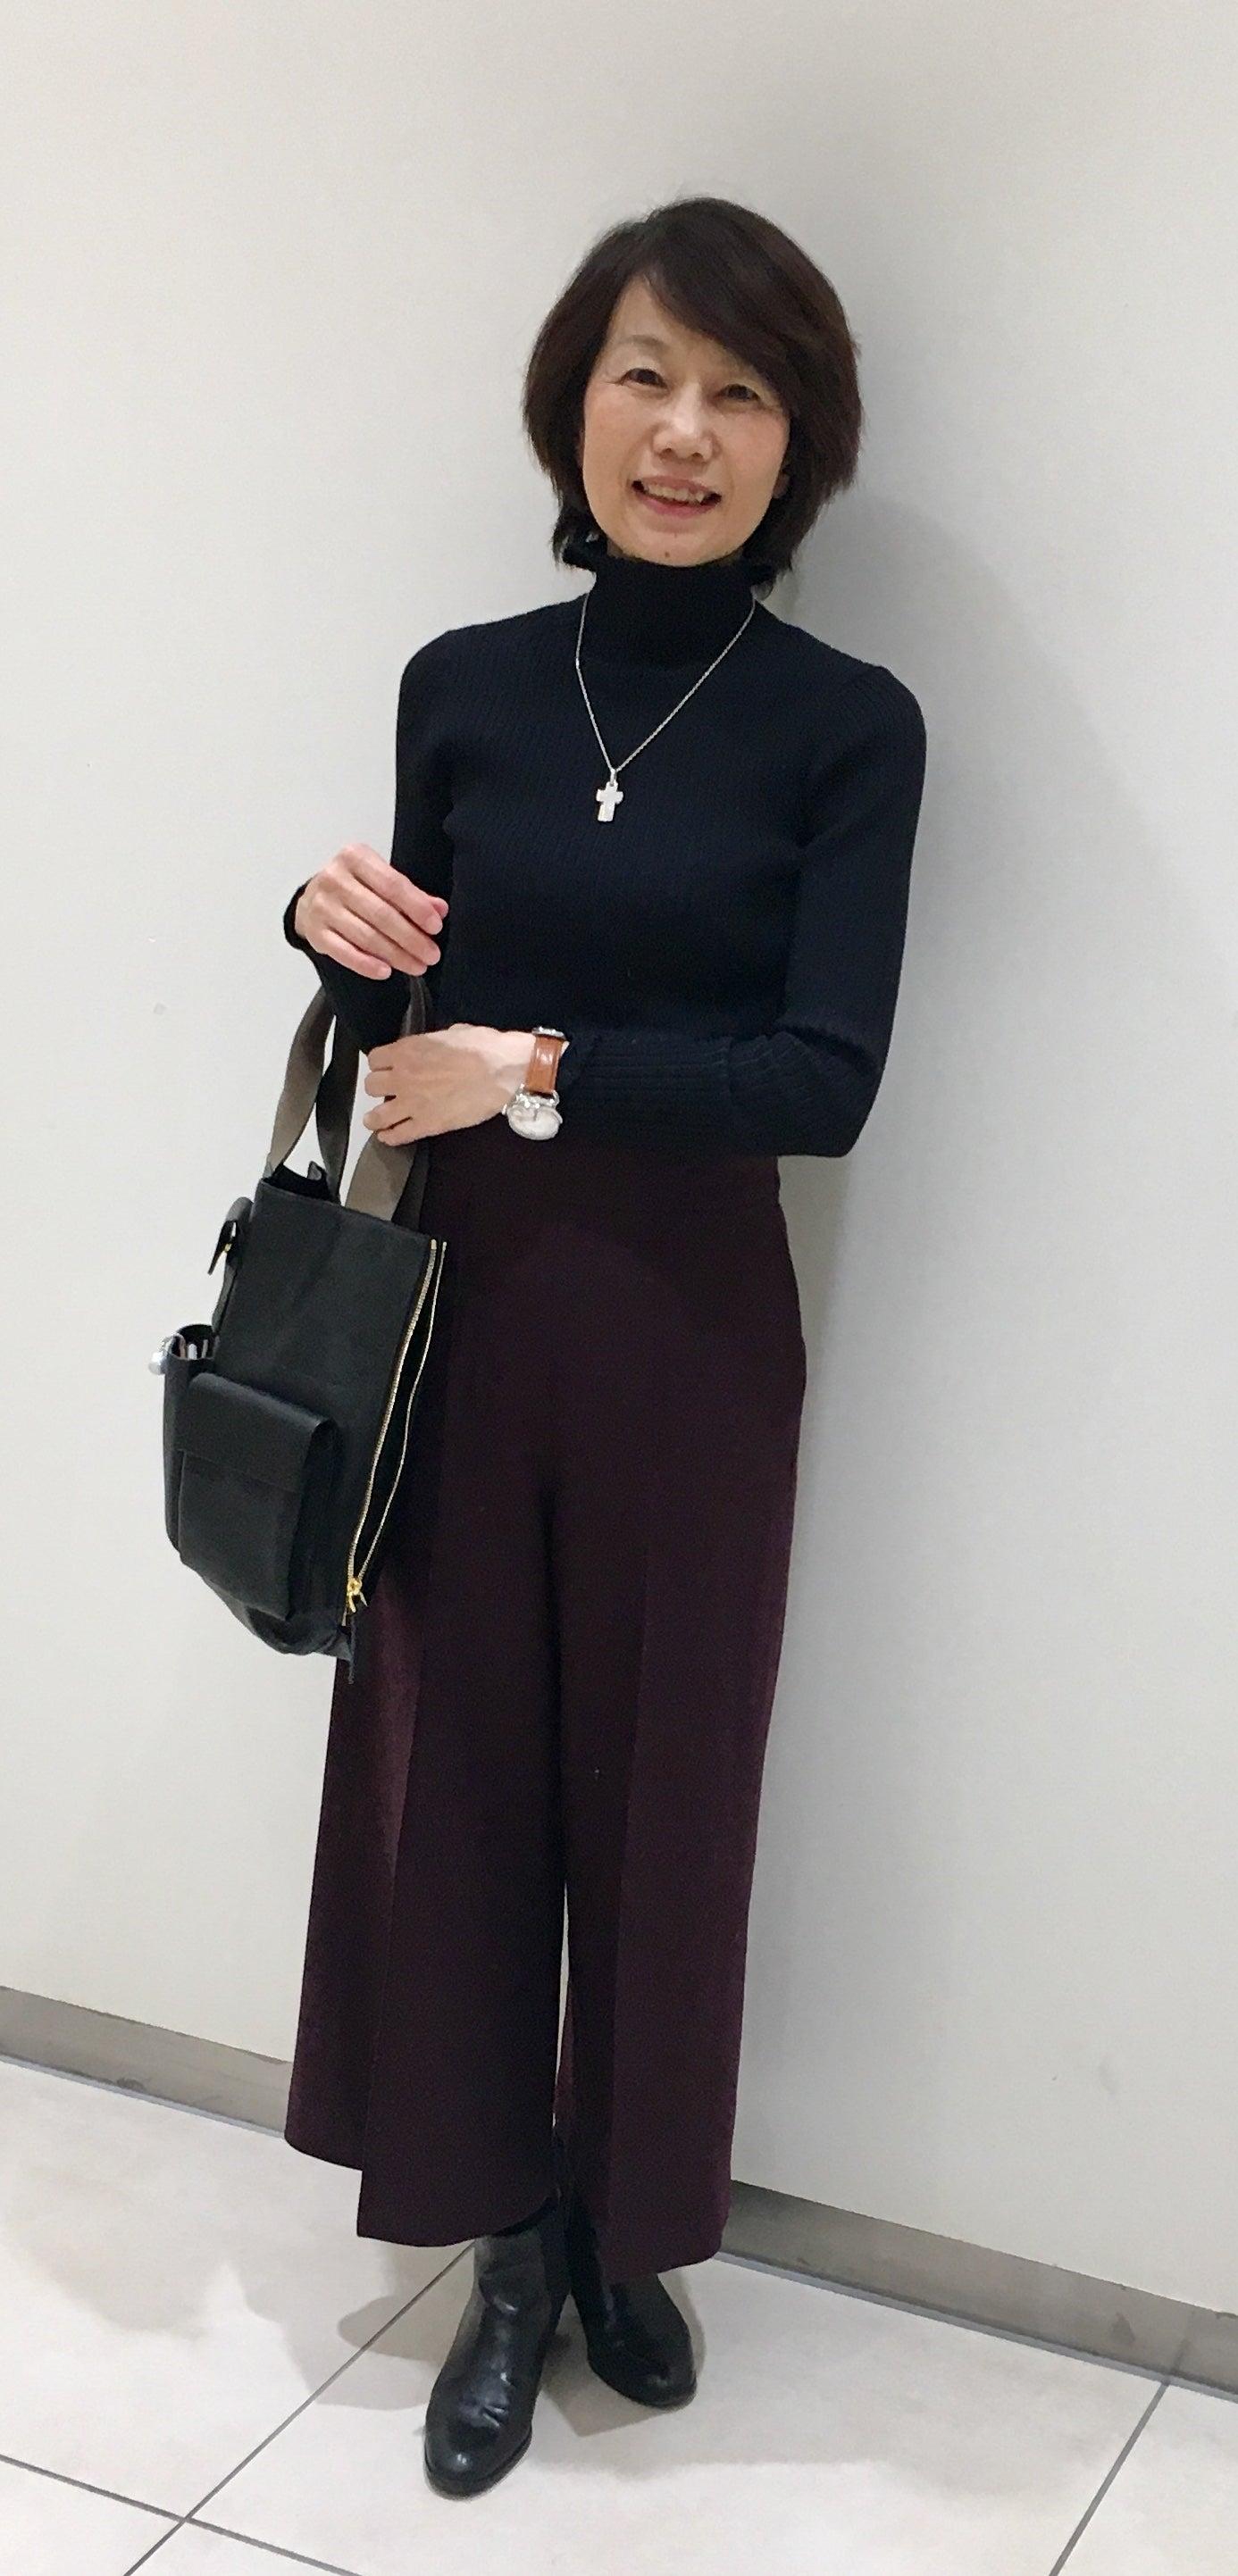 服を変えれば、生き方が輝く!私がはじまるファッションコーデ50代 ファッション 骨格タイプナチュラル パーソナルカラー サマー スタイリング事例